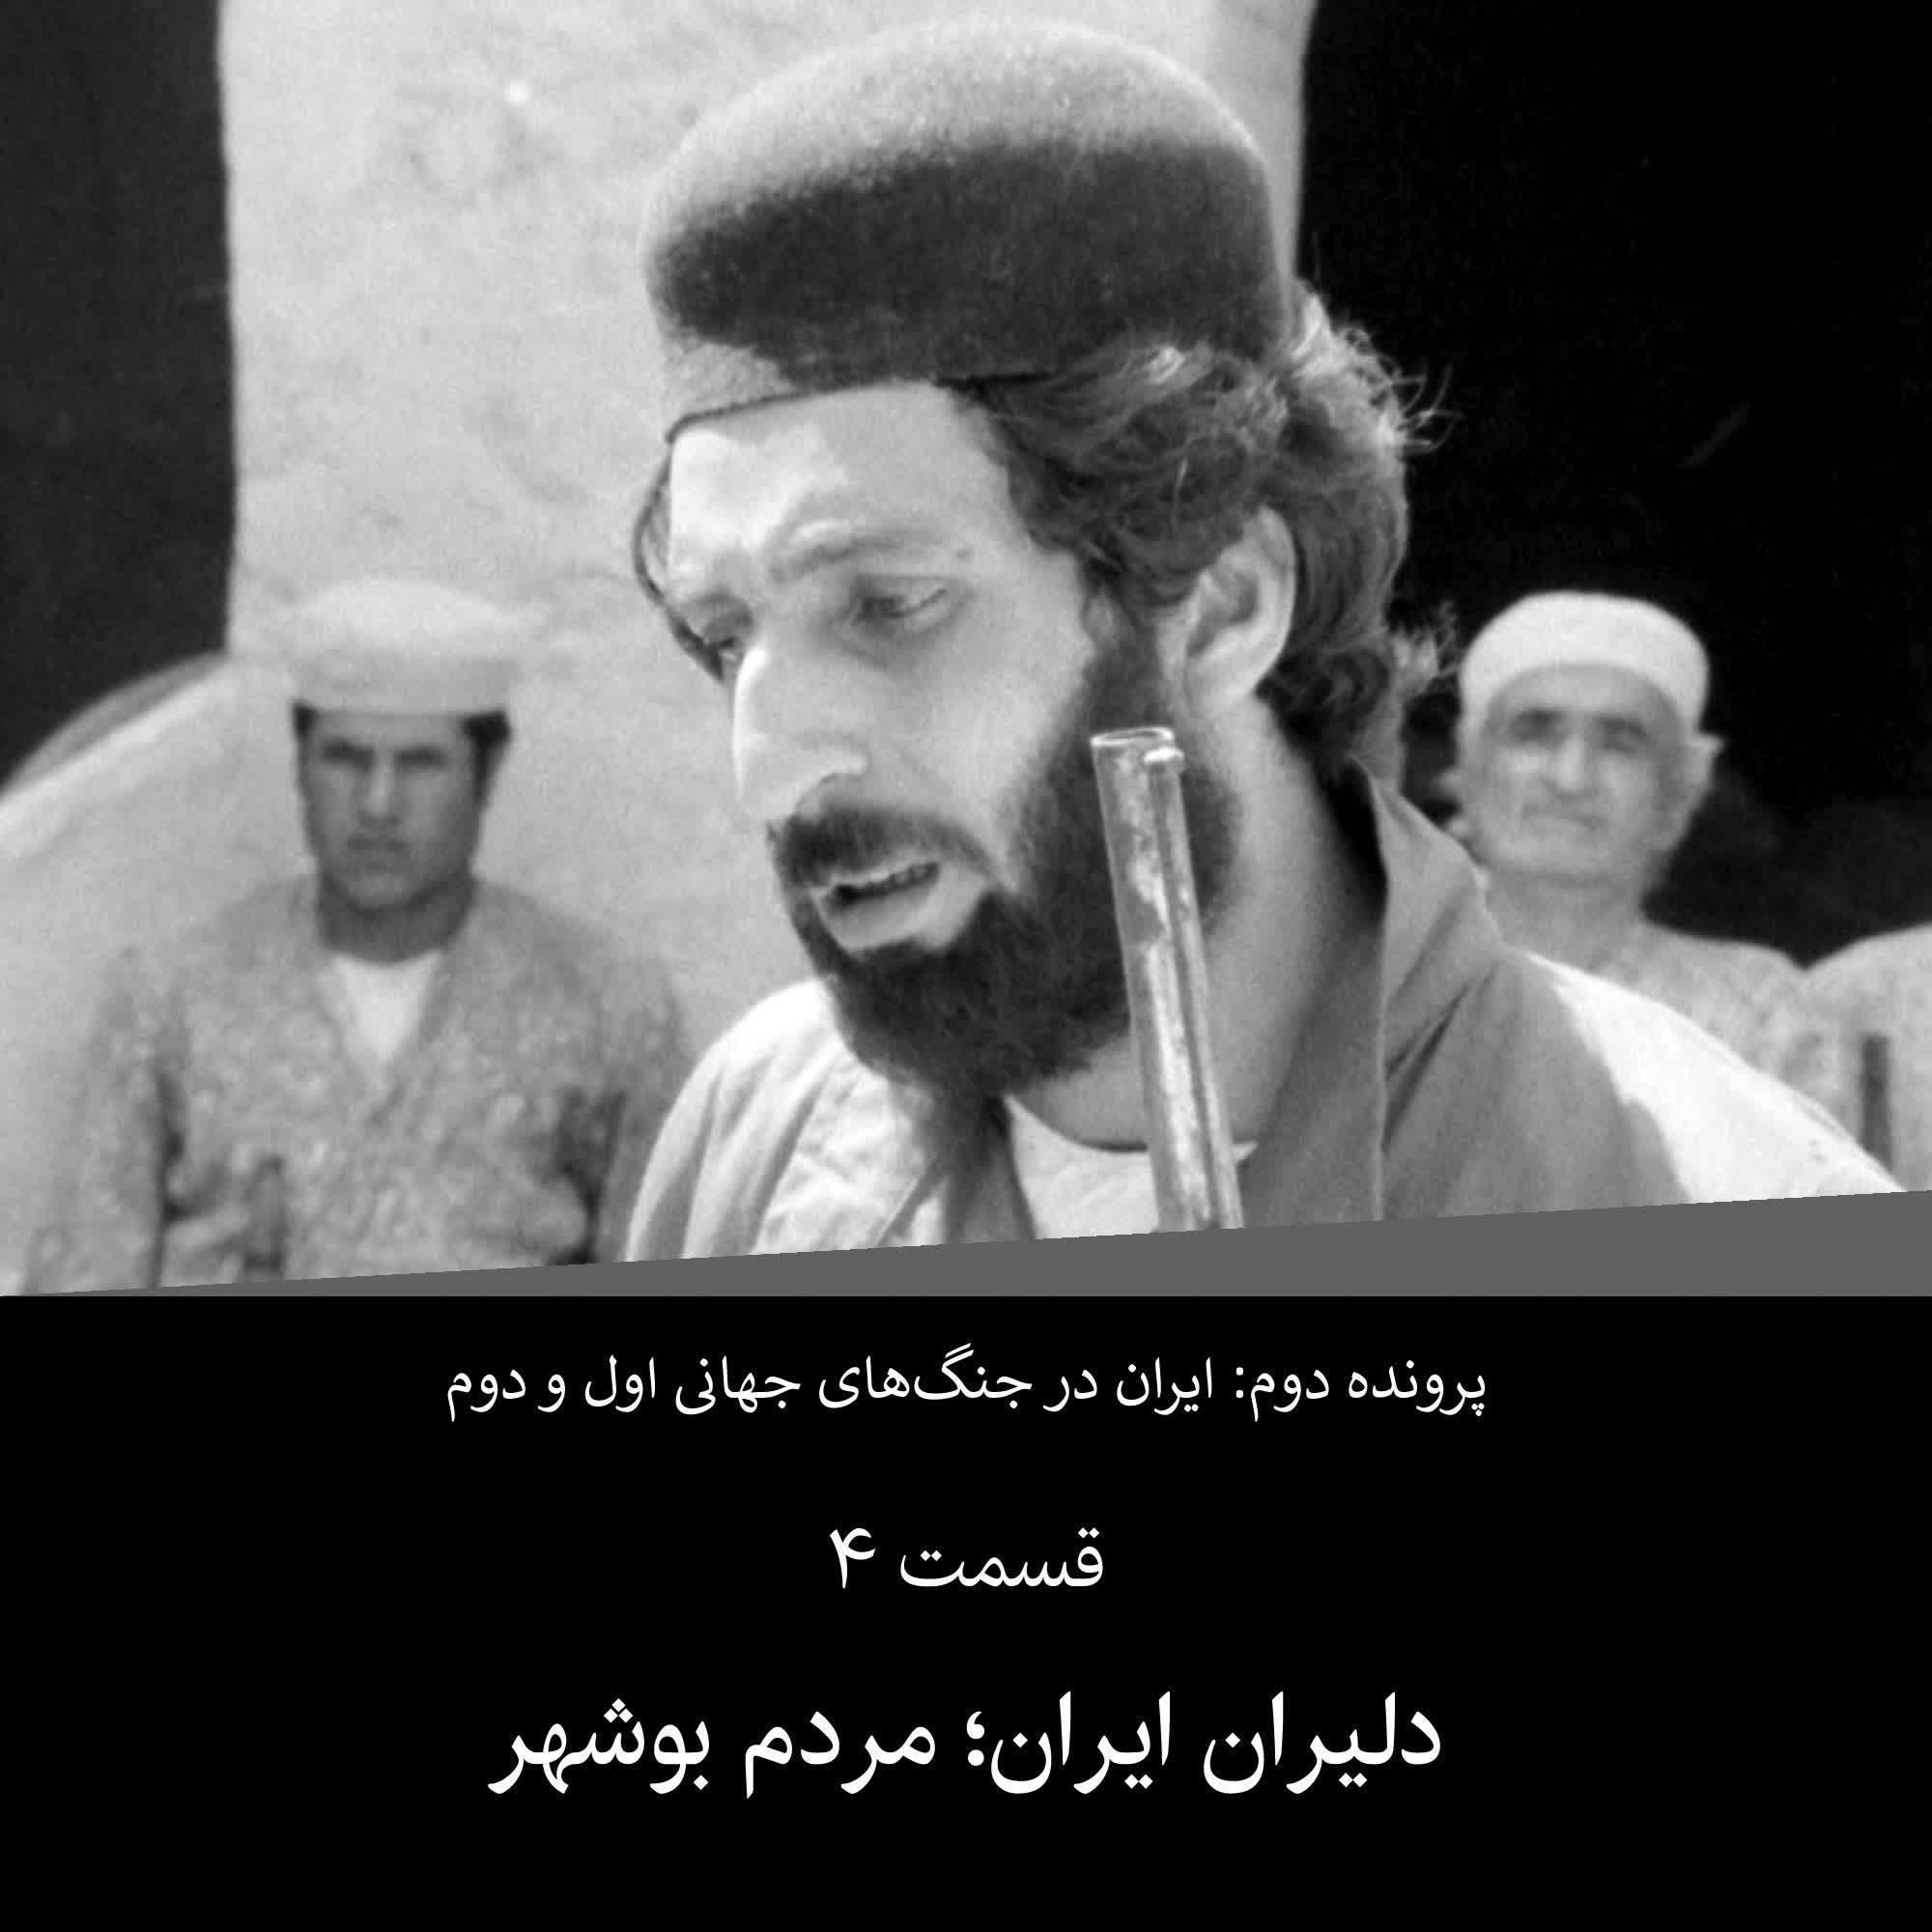 پرونده دوم - قسمت ۴ - دلیران ایران مردم بوشهر